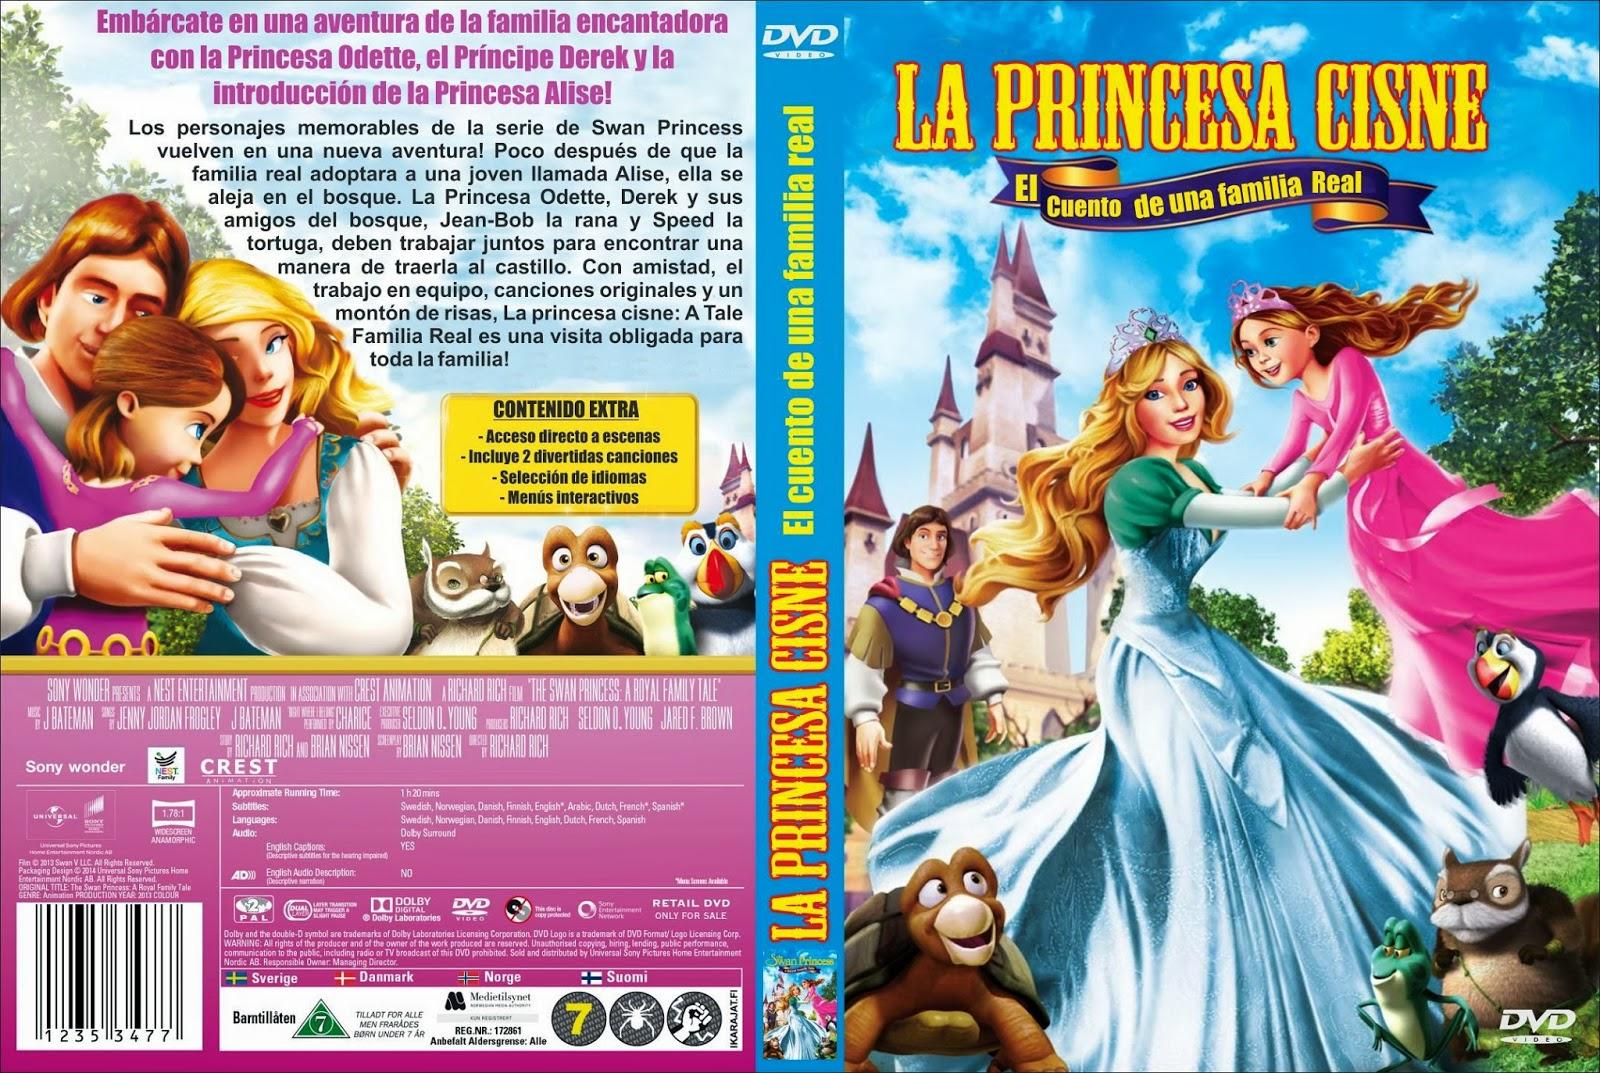 dvd ps2 series programas la princesa cisne el